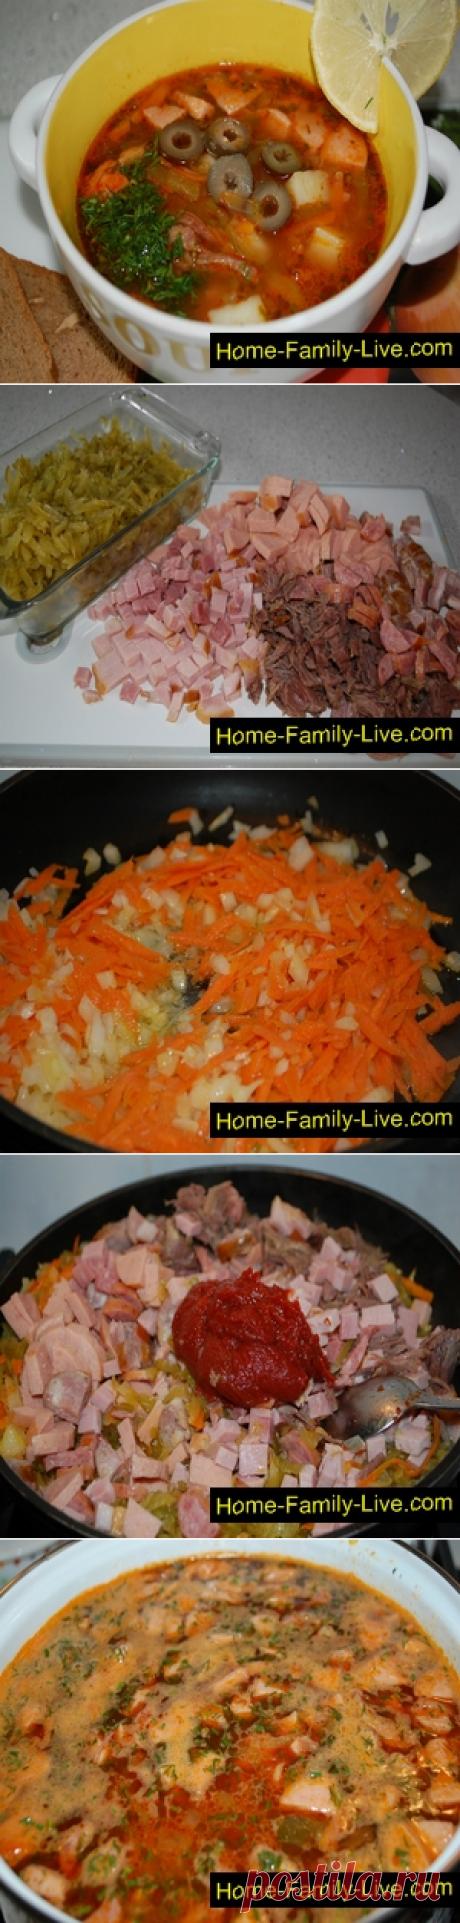 Солянка сборная мясная/Сайт с пошаговыми рецептами с фото для тех кто любит готовить